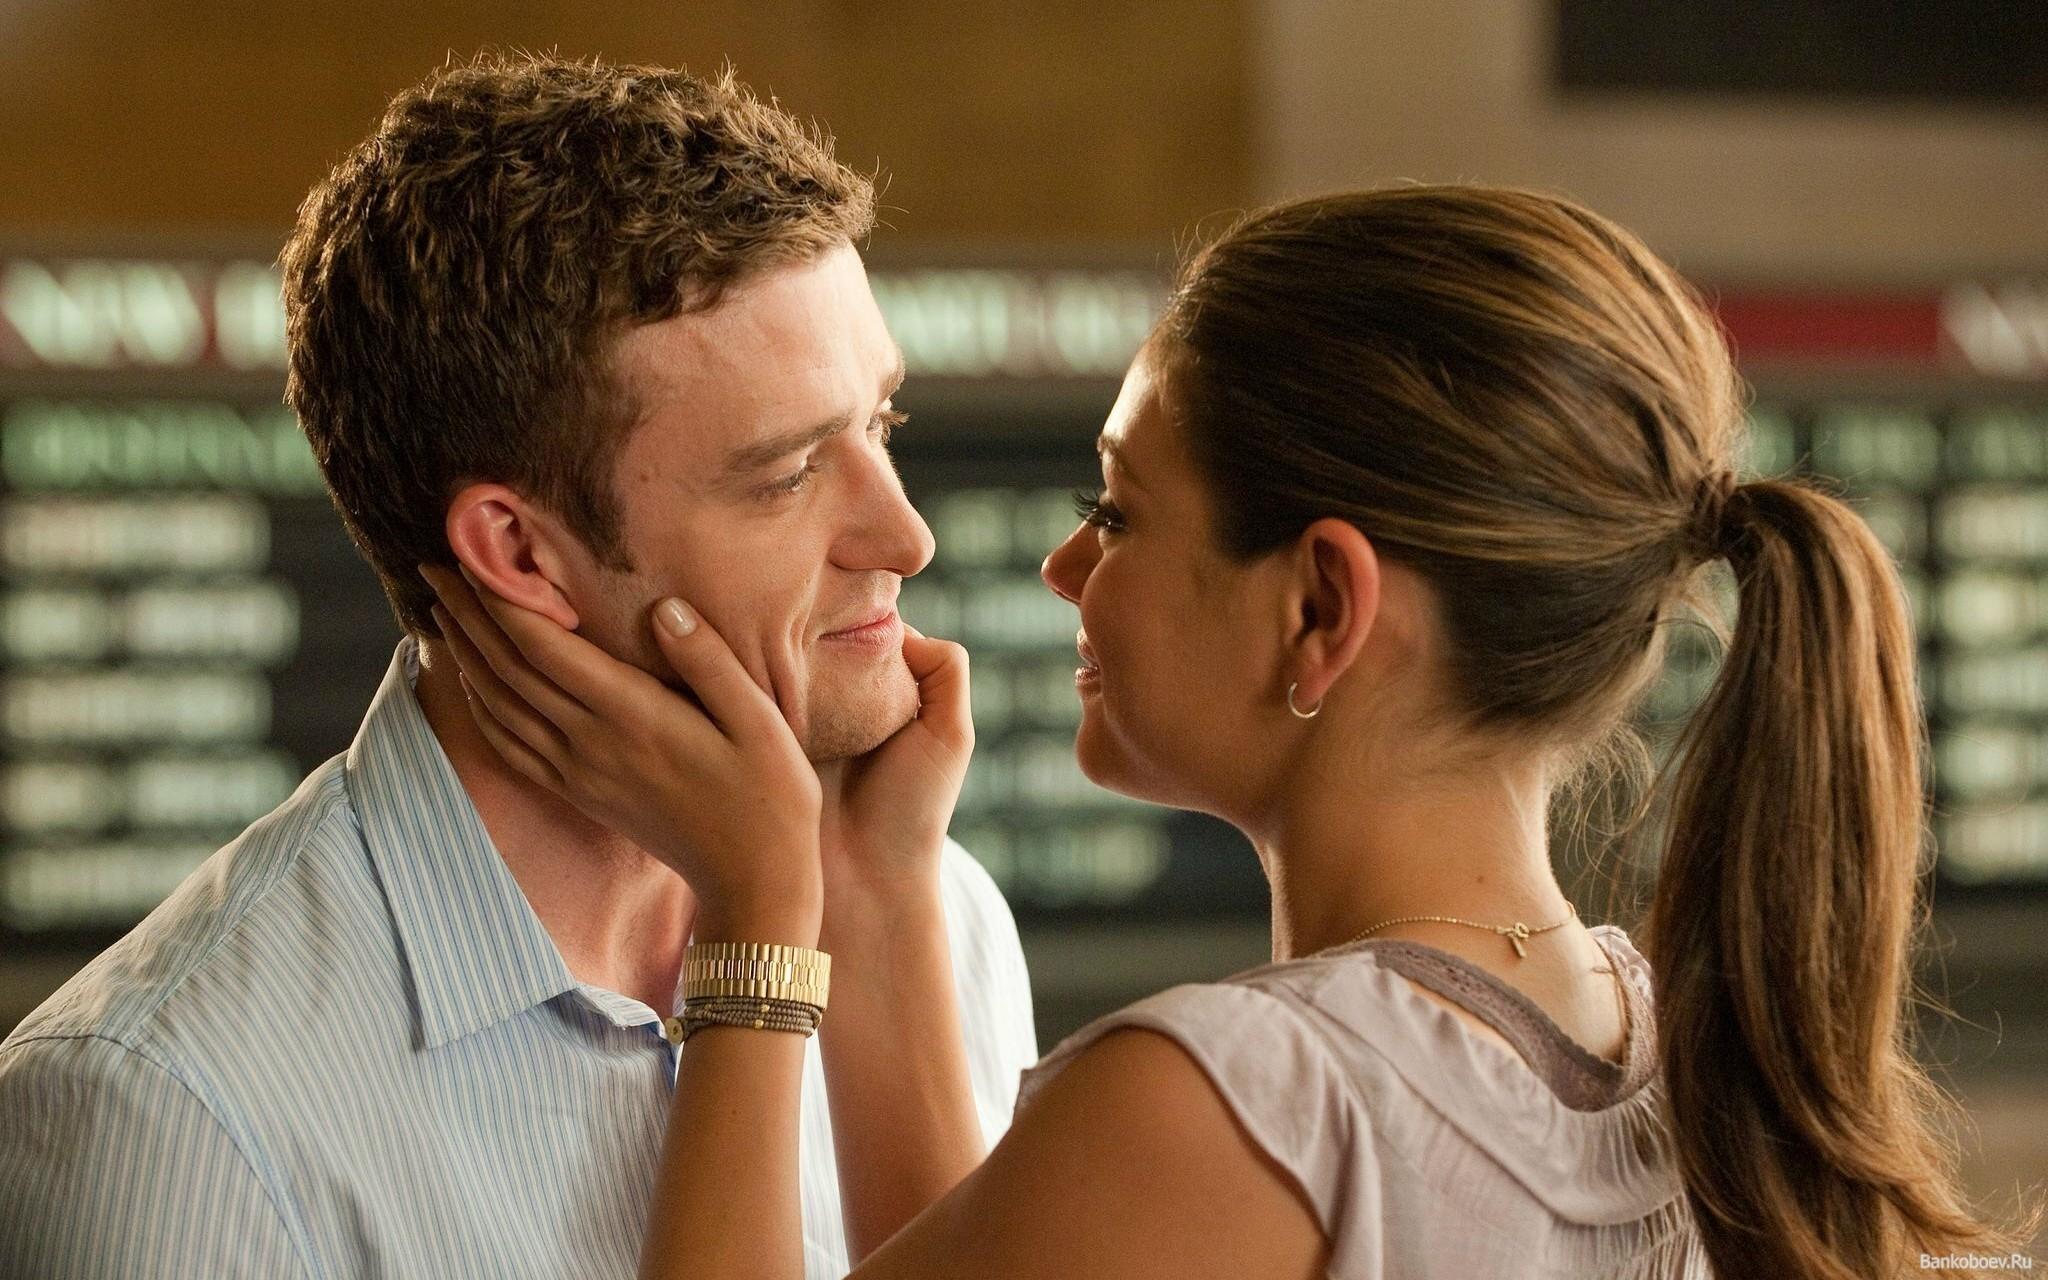 Как заставить кого-то влюбить в себя: секреты от психологов